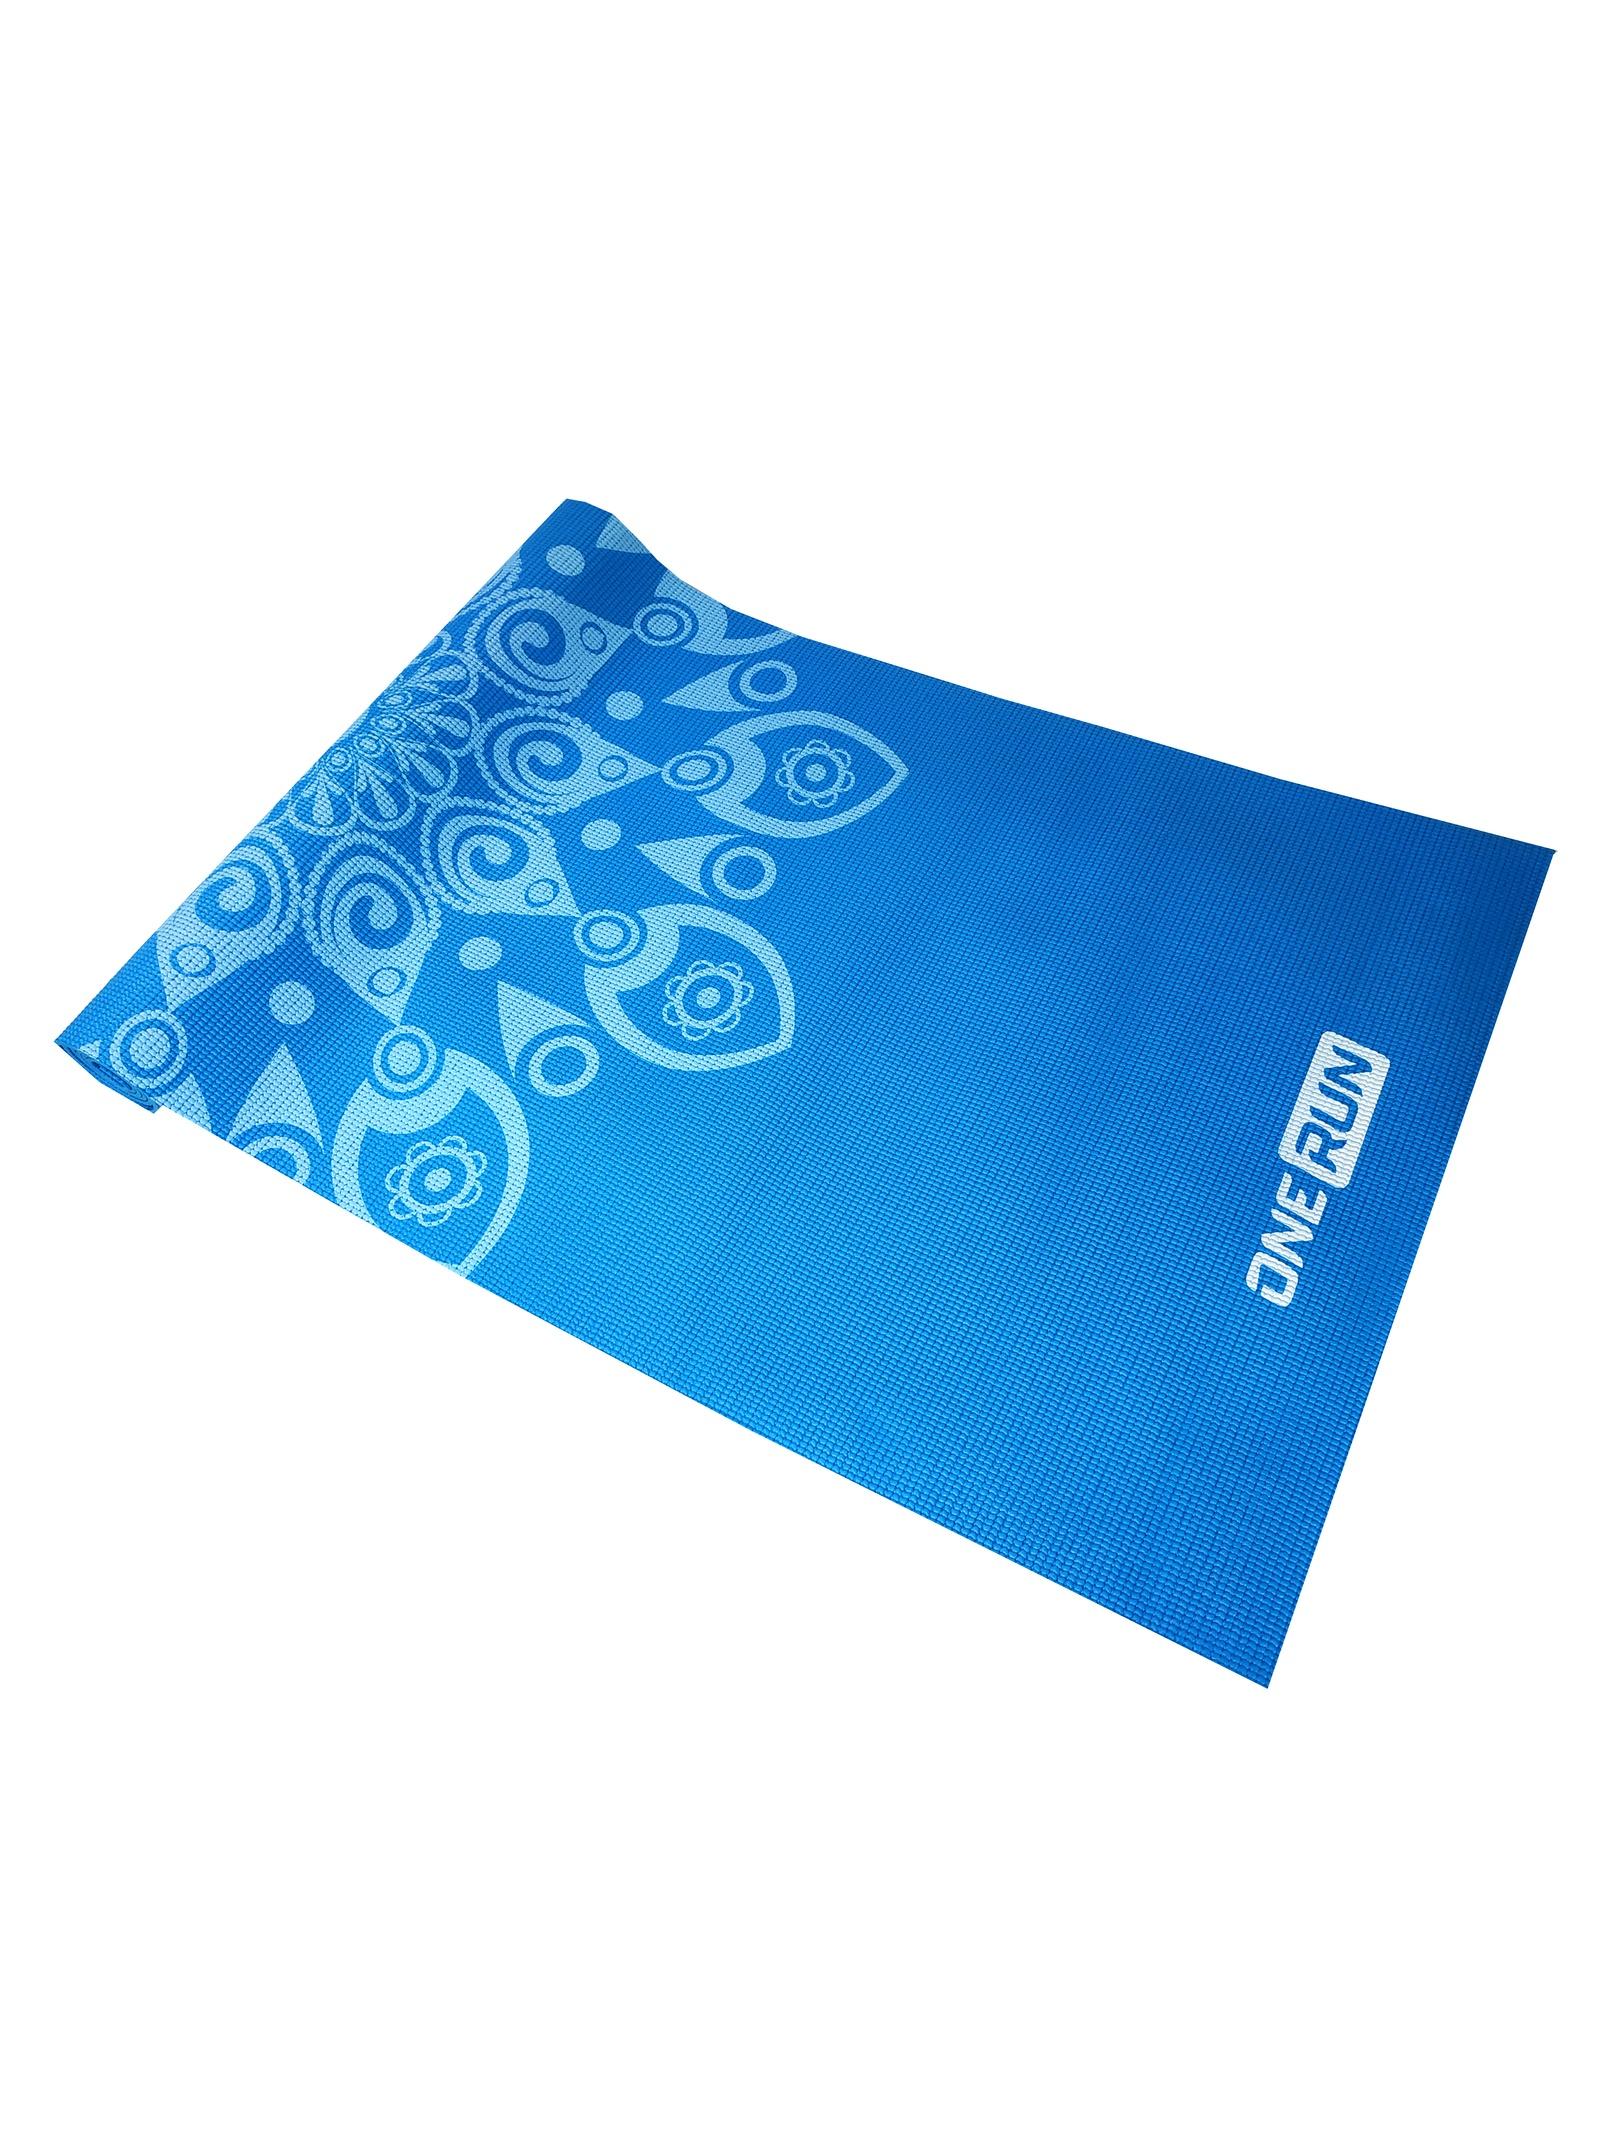 Коврик для йоги OneRun, цвет: голубой, 173 х 61 см коврик для йоги onerun 495 4807 зеленый 173 х 61 см